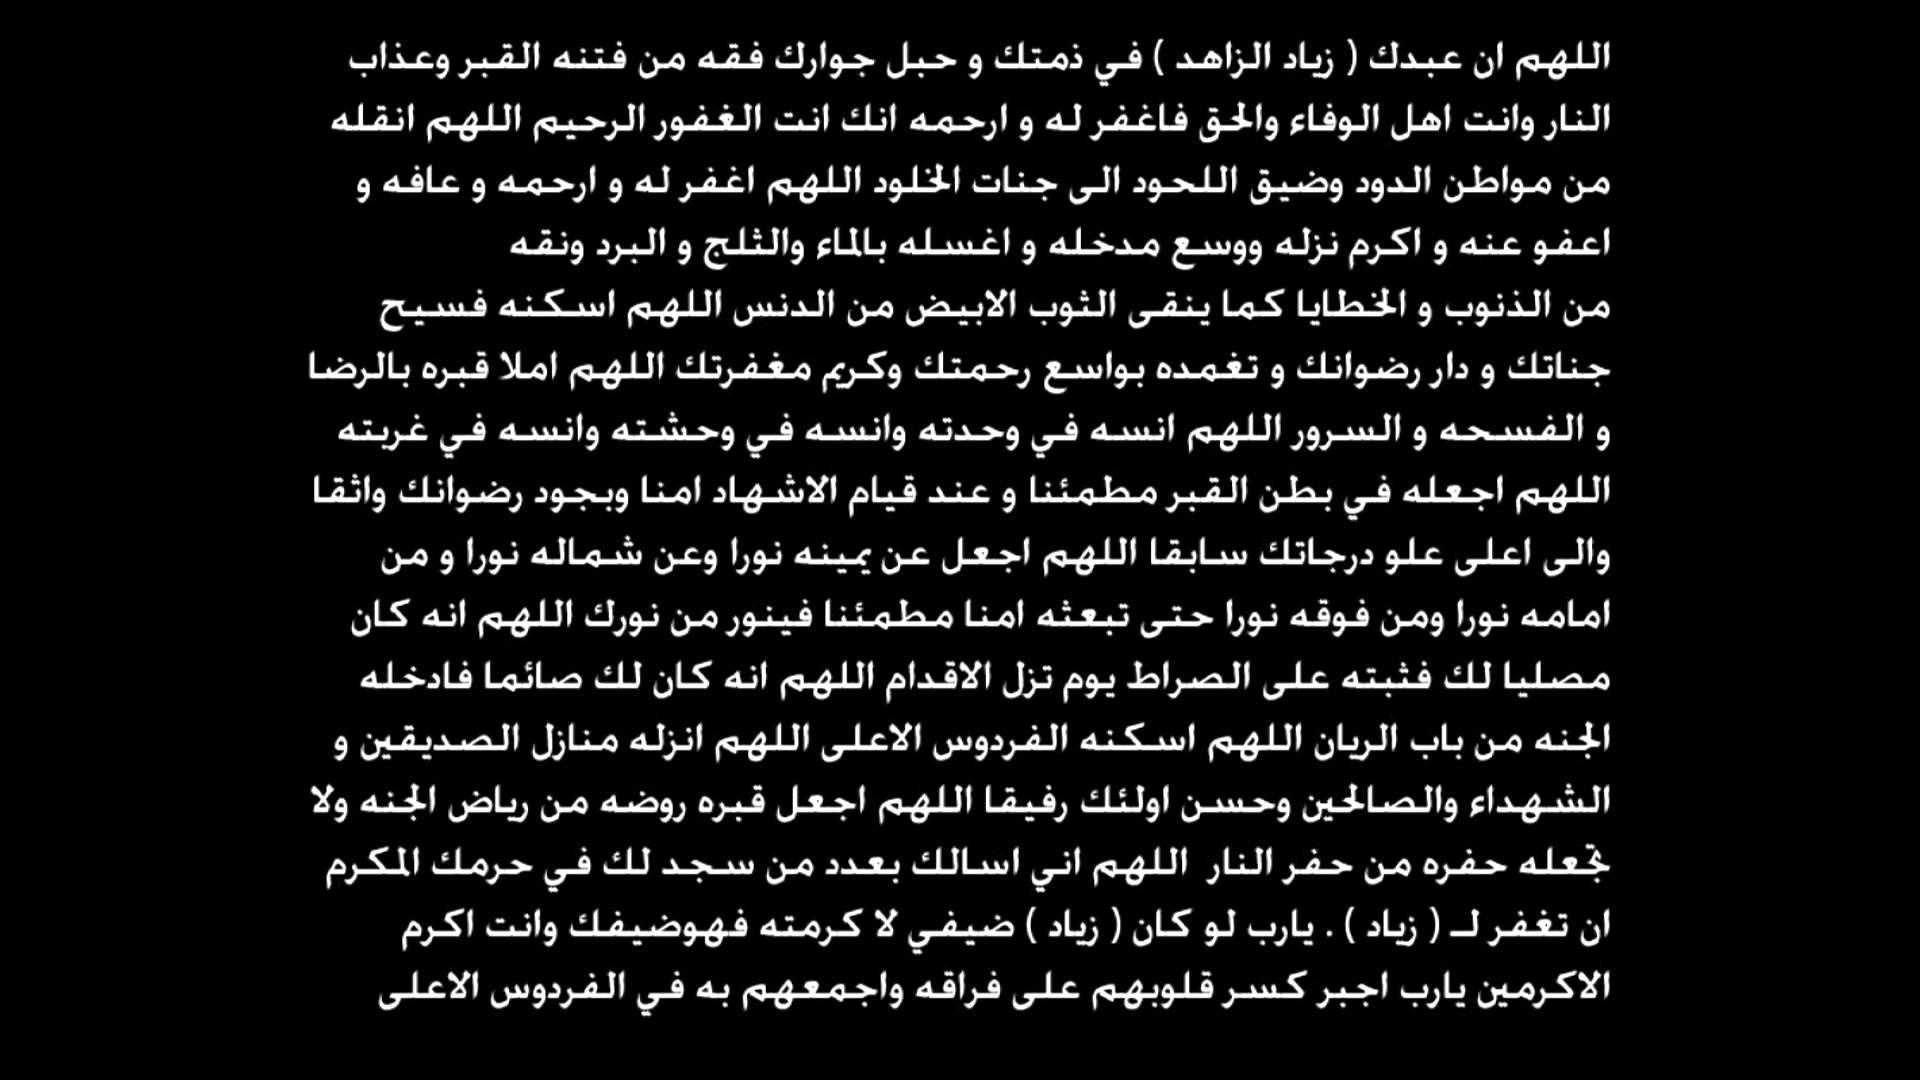 صورة احلى دعاء , منوعات من الاذكار الدينيه الرائعه 6300 9